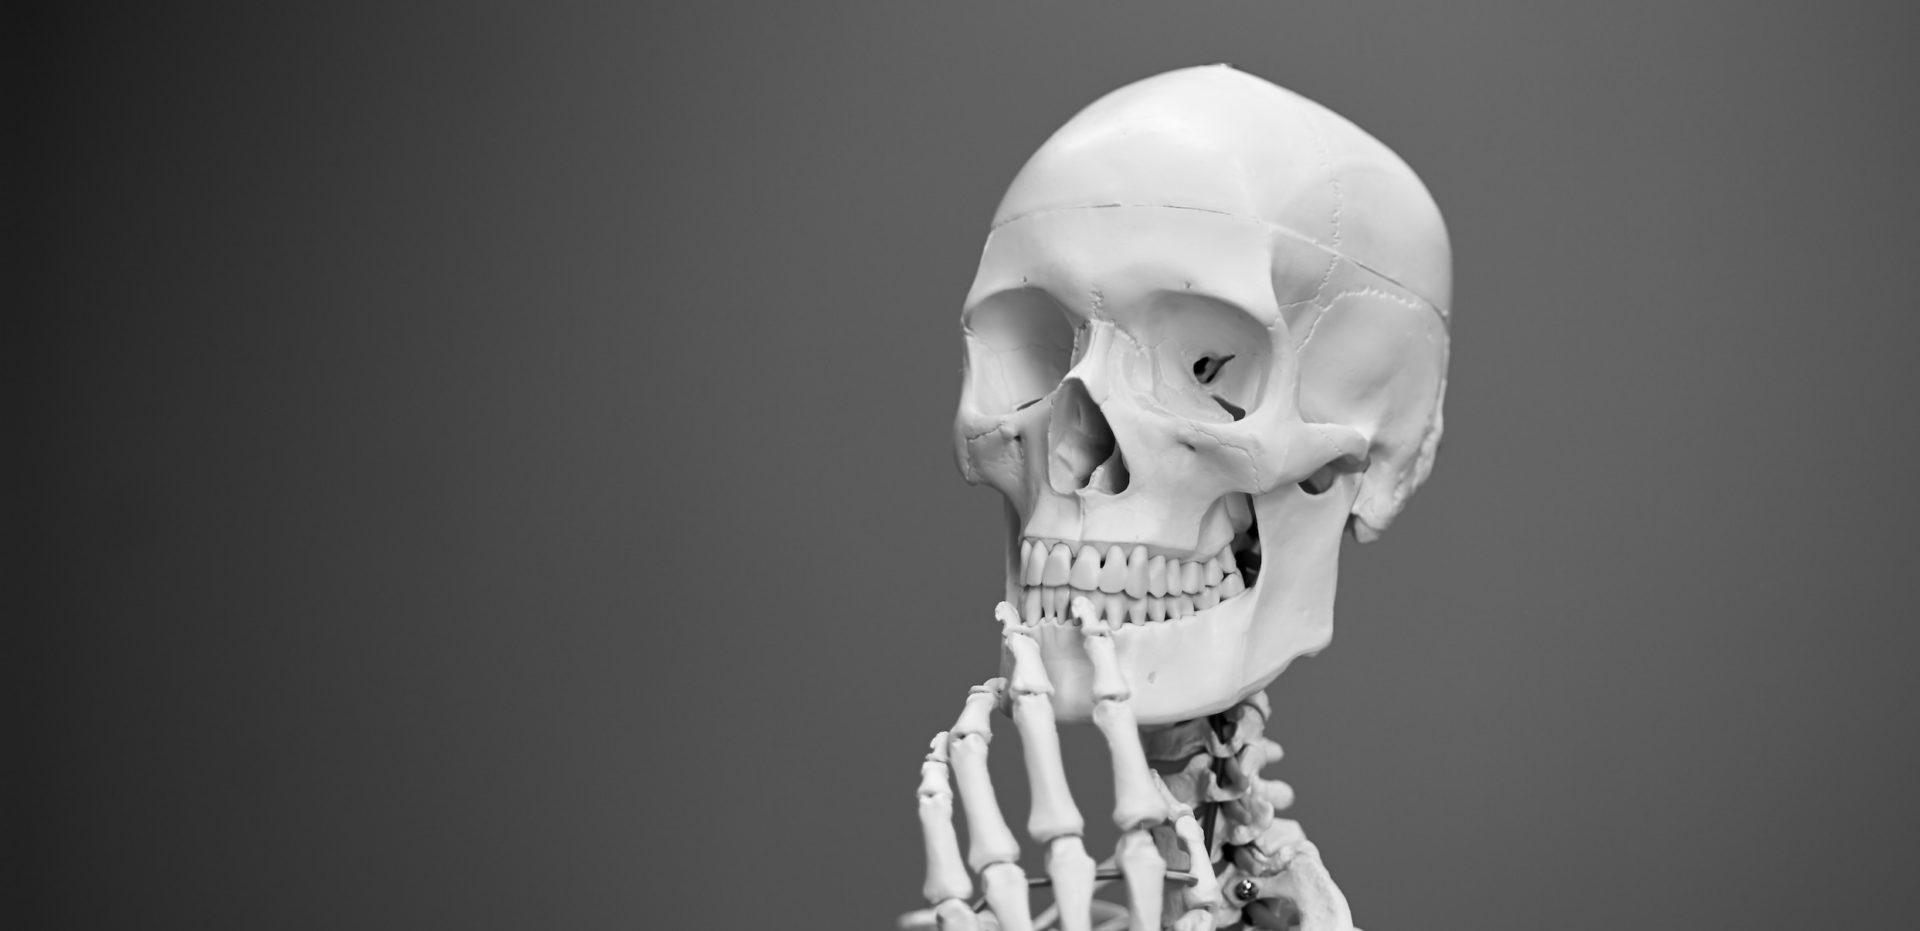 Skanujemy ciało. Część VI: Głowa. Podsumowanie cyklu